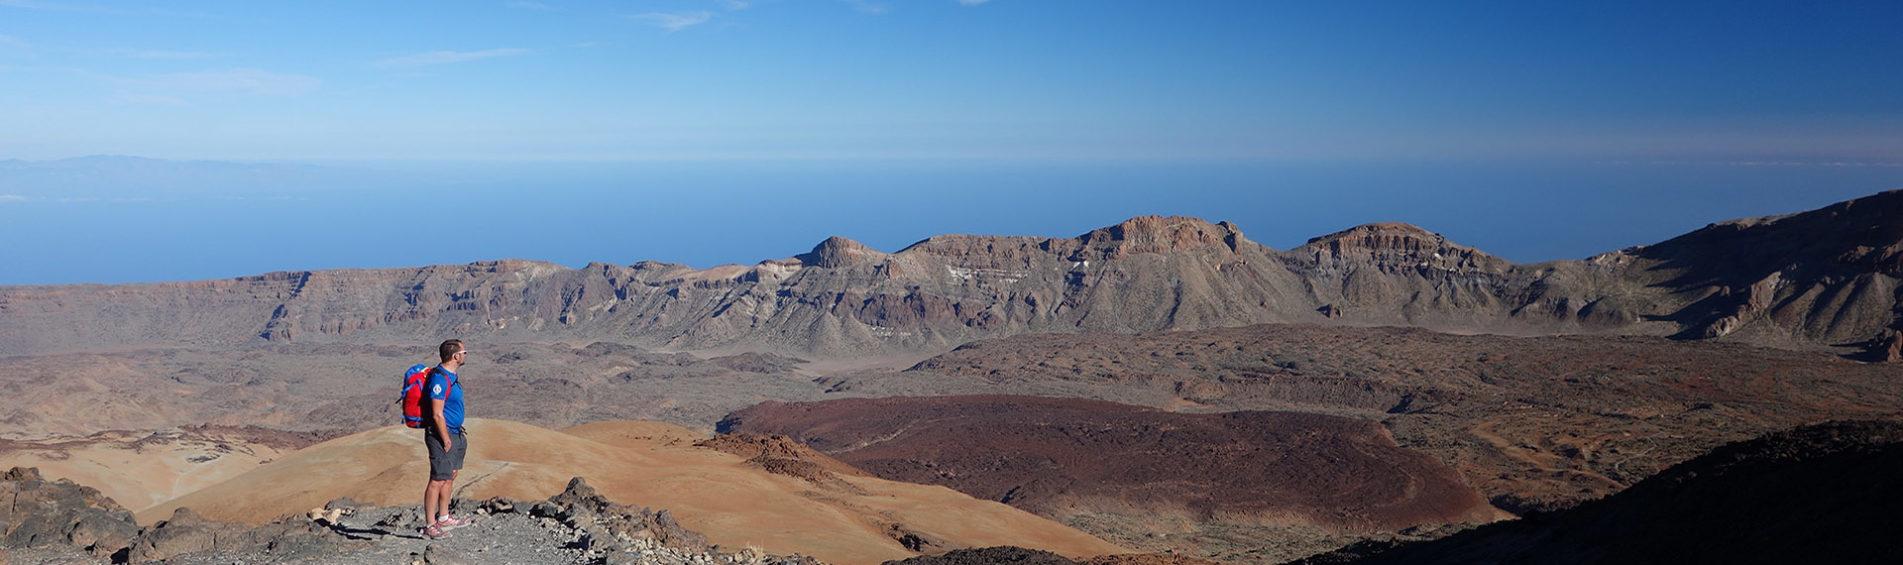 Randonnée Canaries : Quelle île choisir pour randonner ?